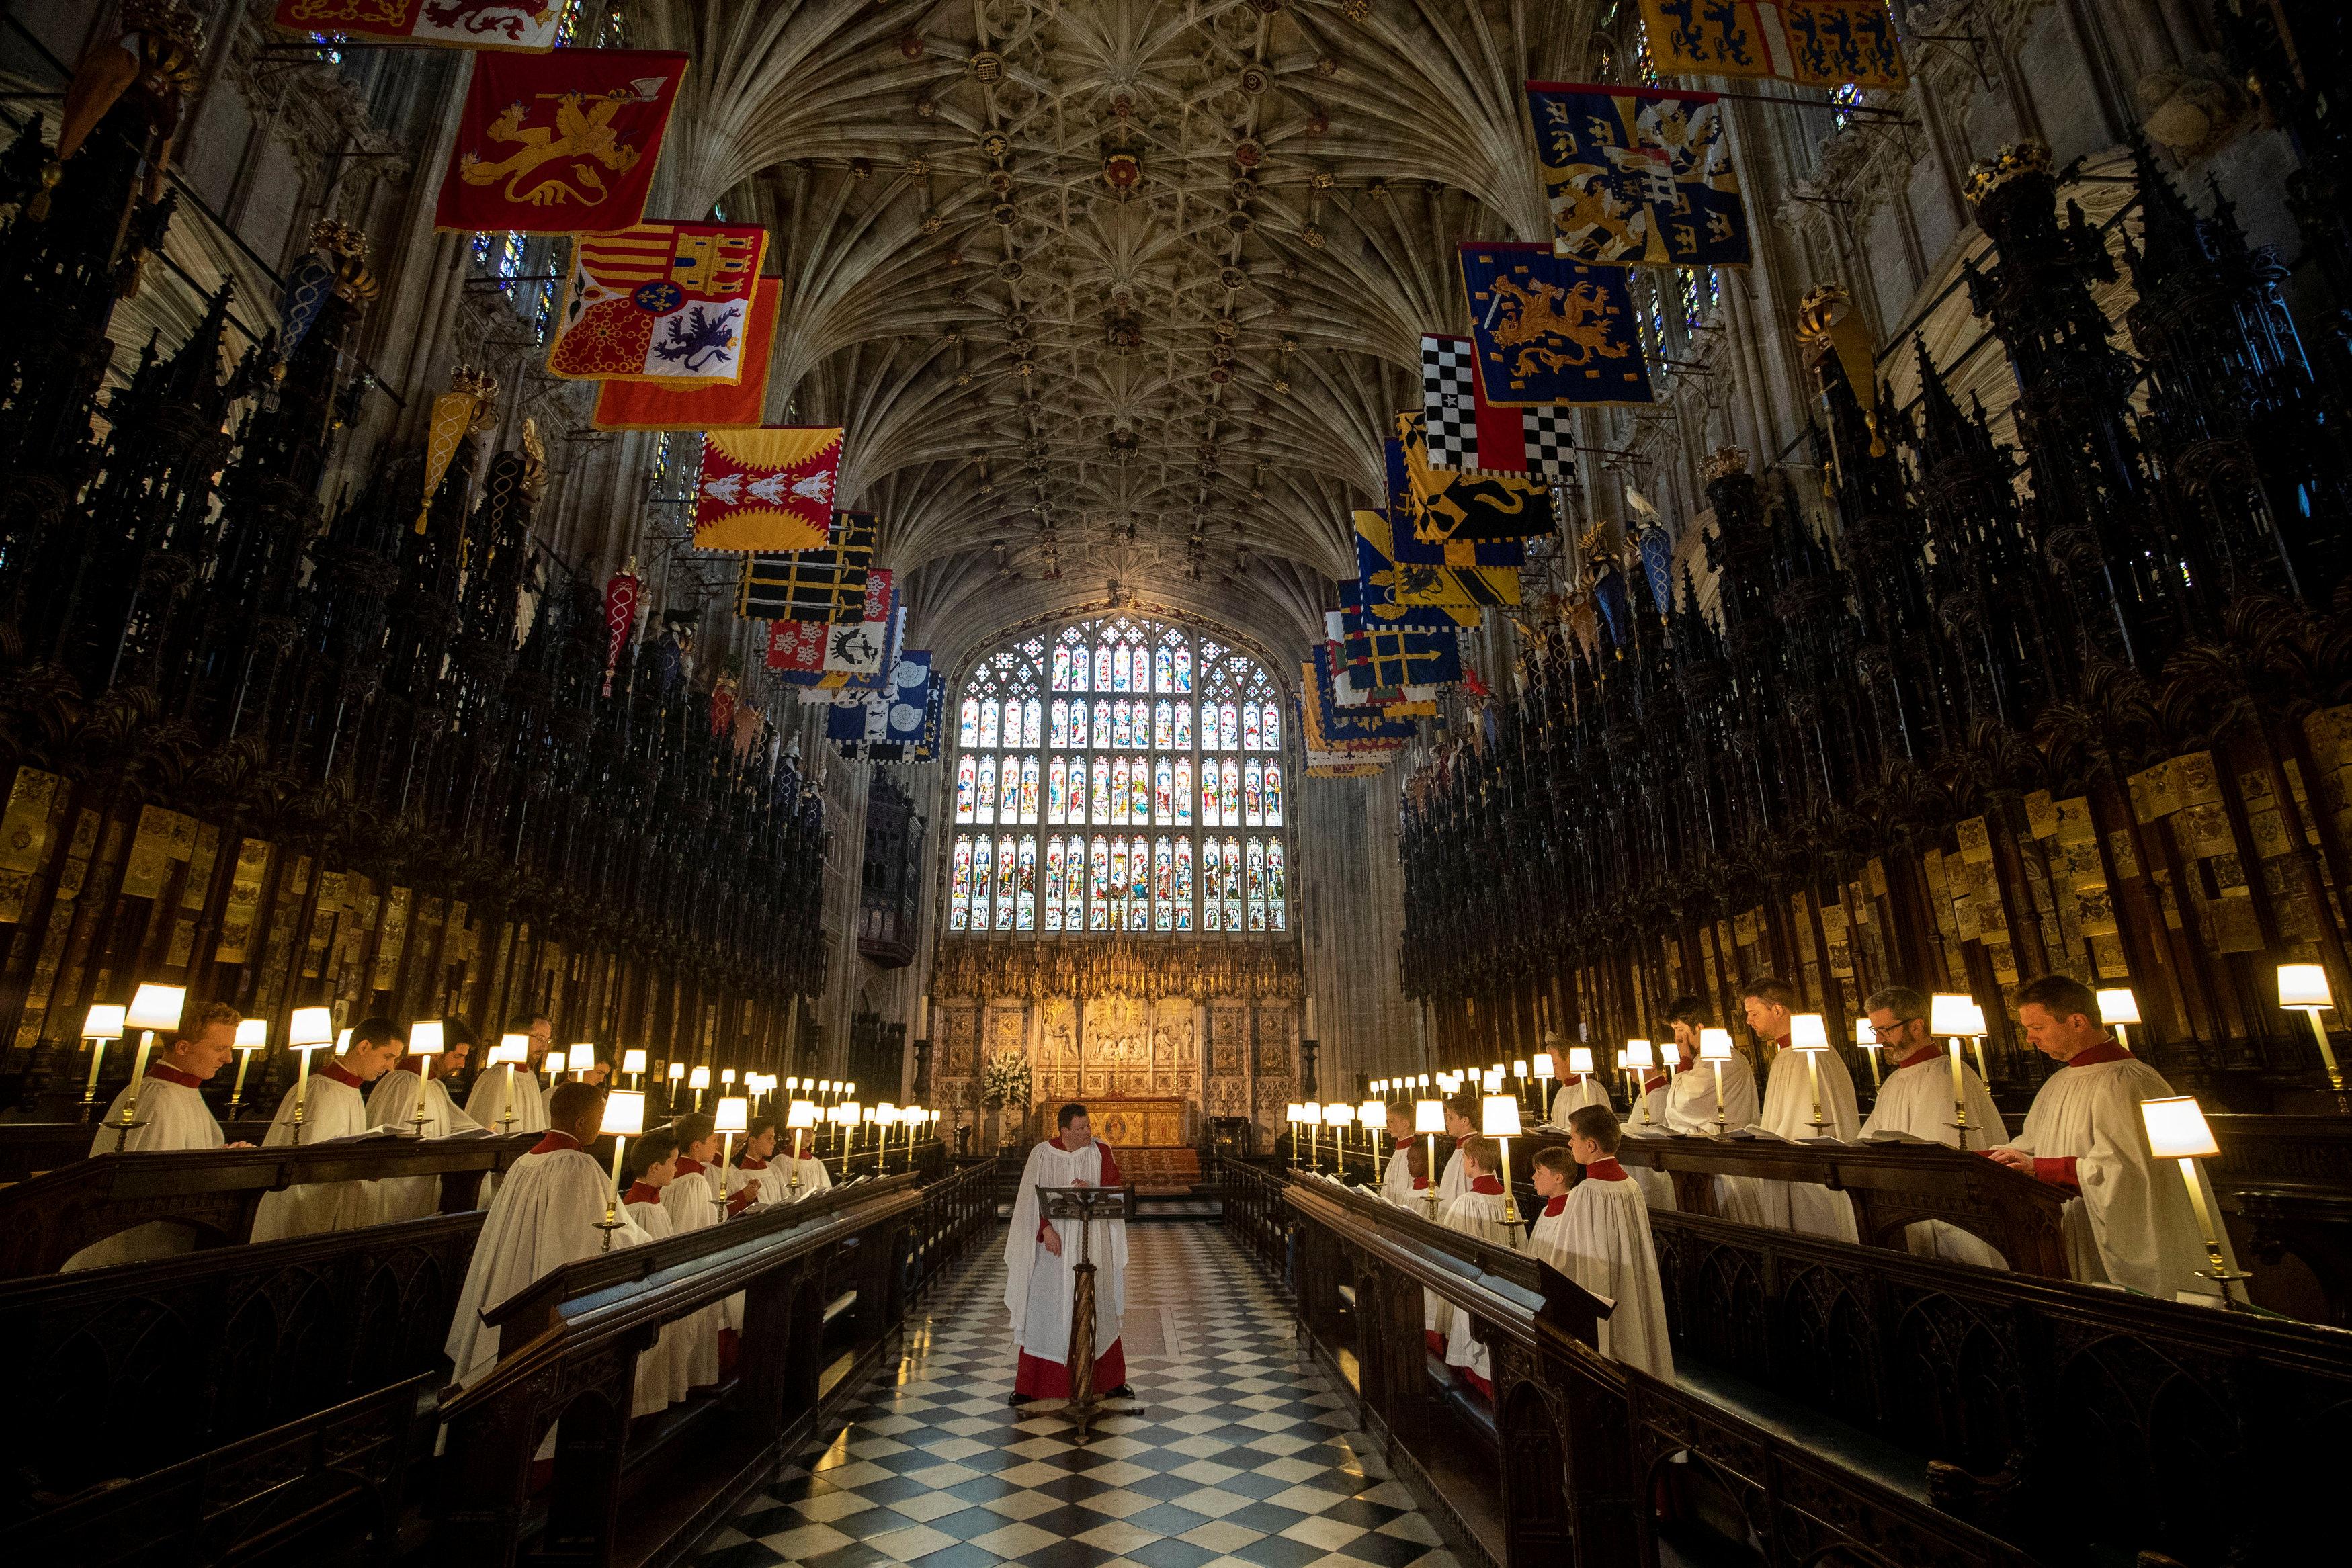 La capilla de StGeorge's Chapel horas antes de comenzar la ceremonia y ya preparada para la boda de Harry y Meghan Markle (Steve Parsons/Reuters TPX IMAGES OF THE DAY)